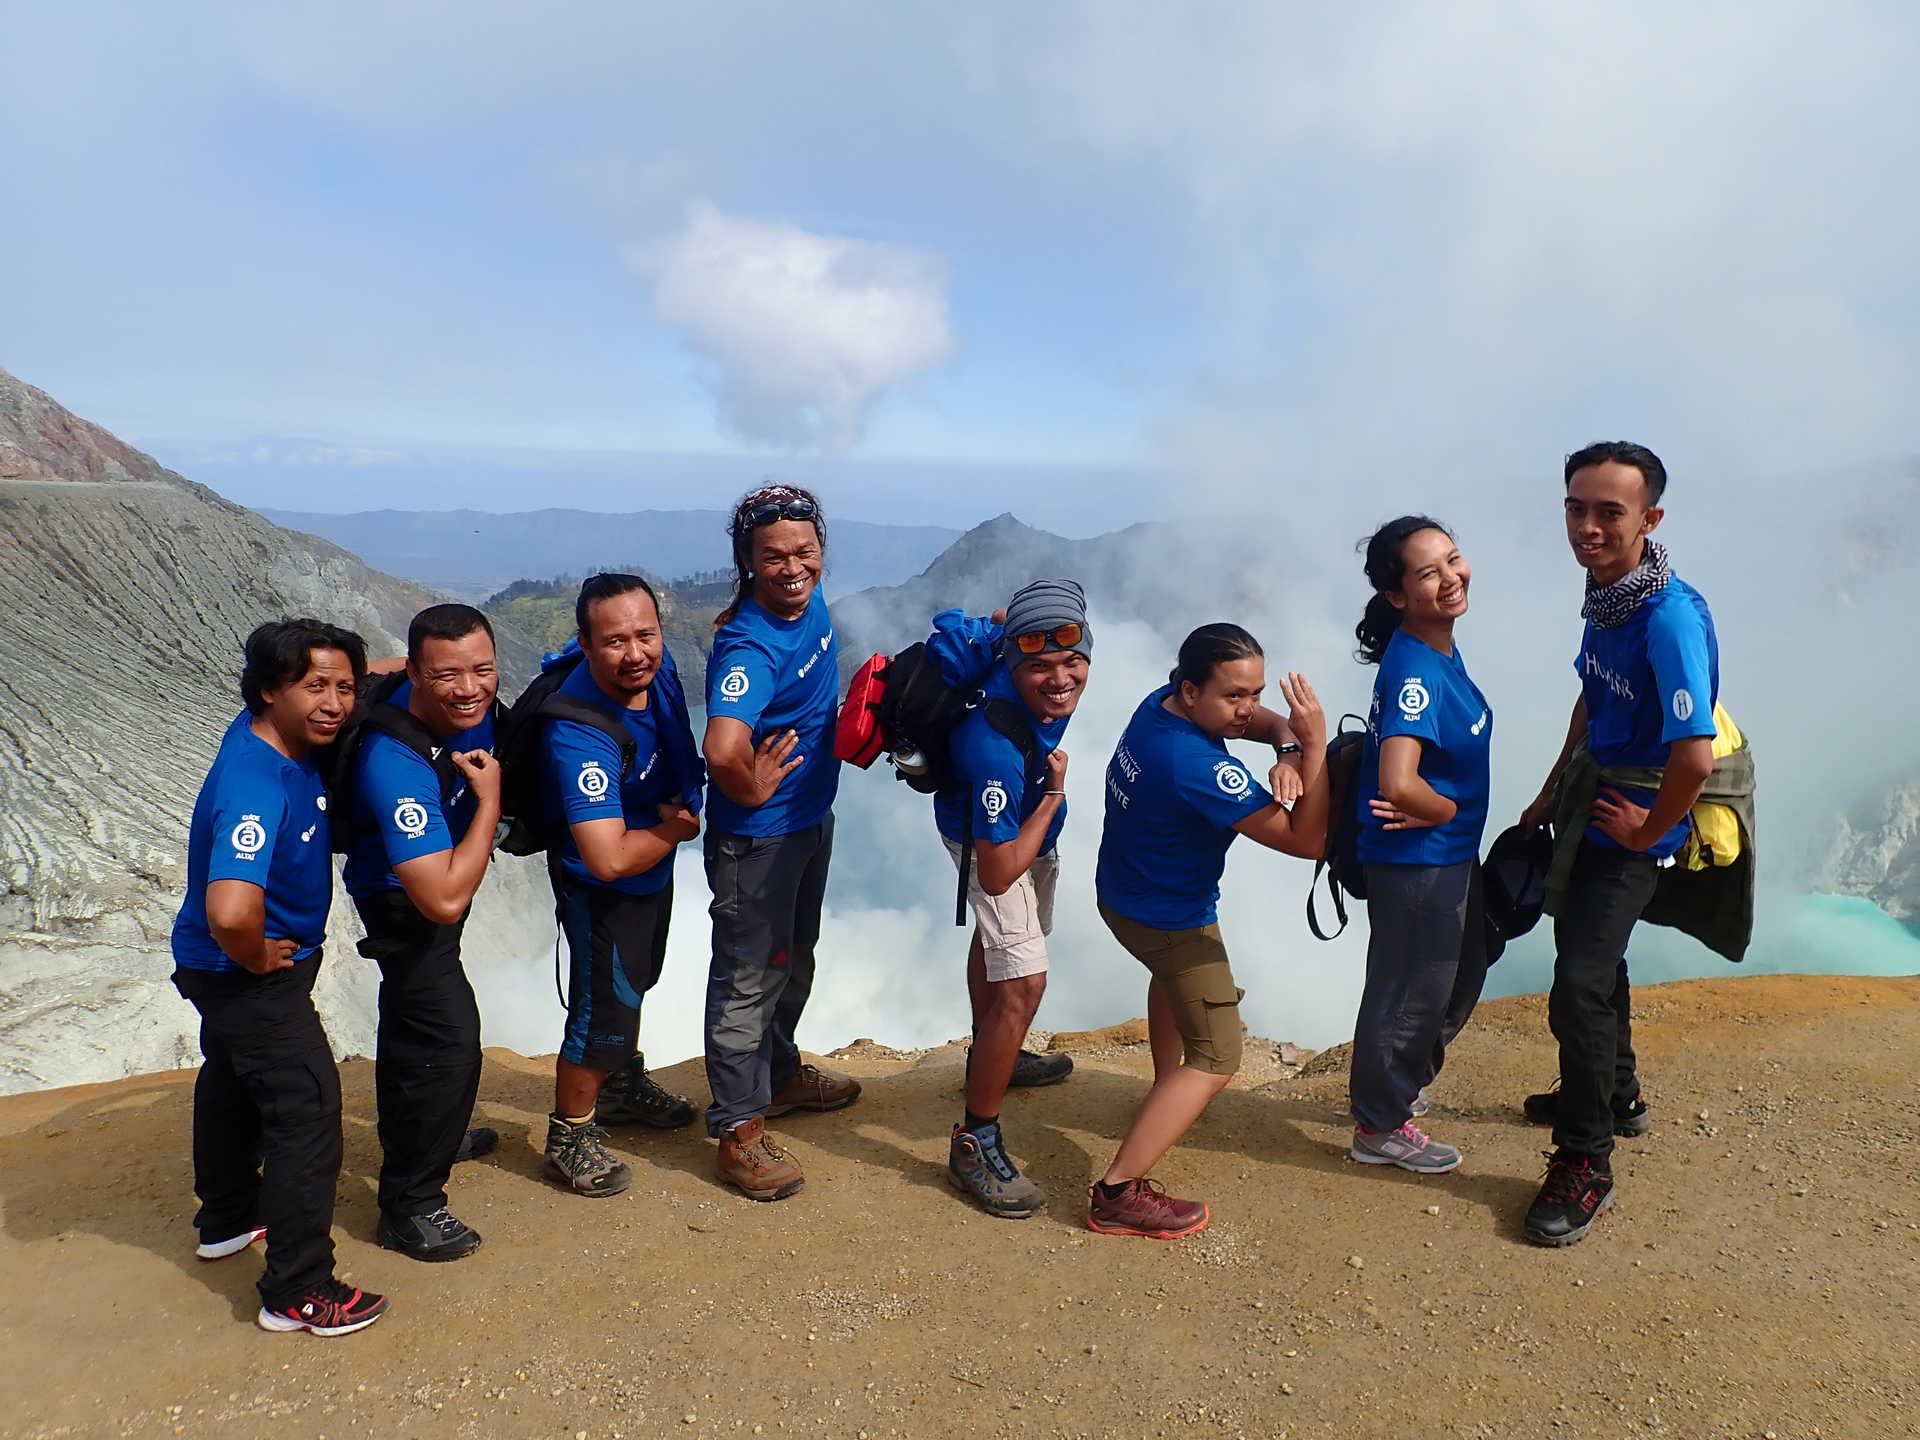 Guides Altai Indonesia au cratère de Kawah Ijen, Java, Indonésie